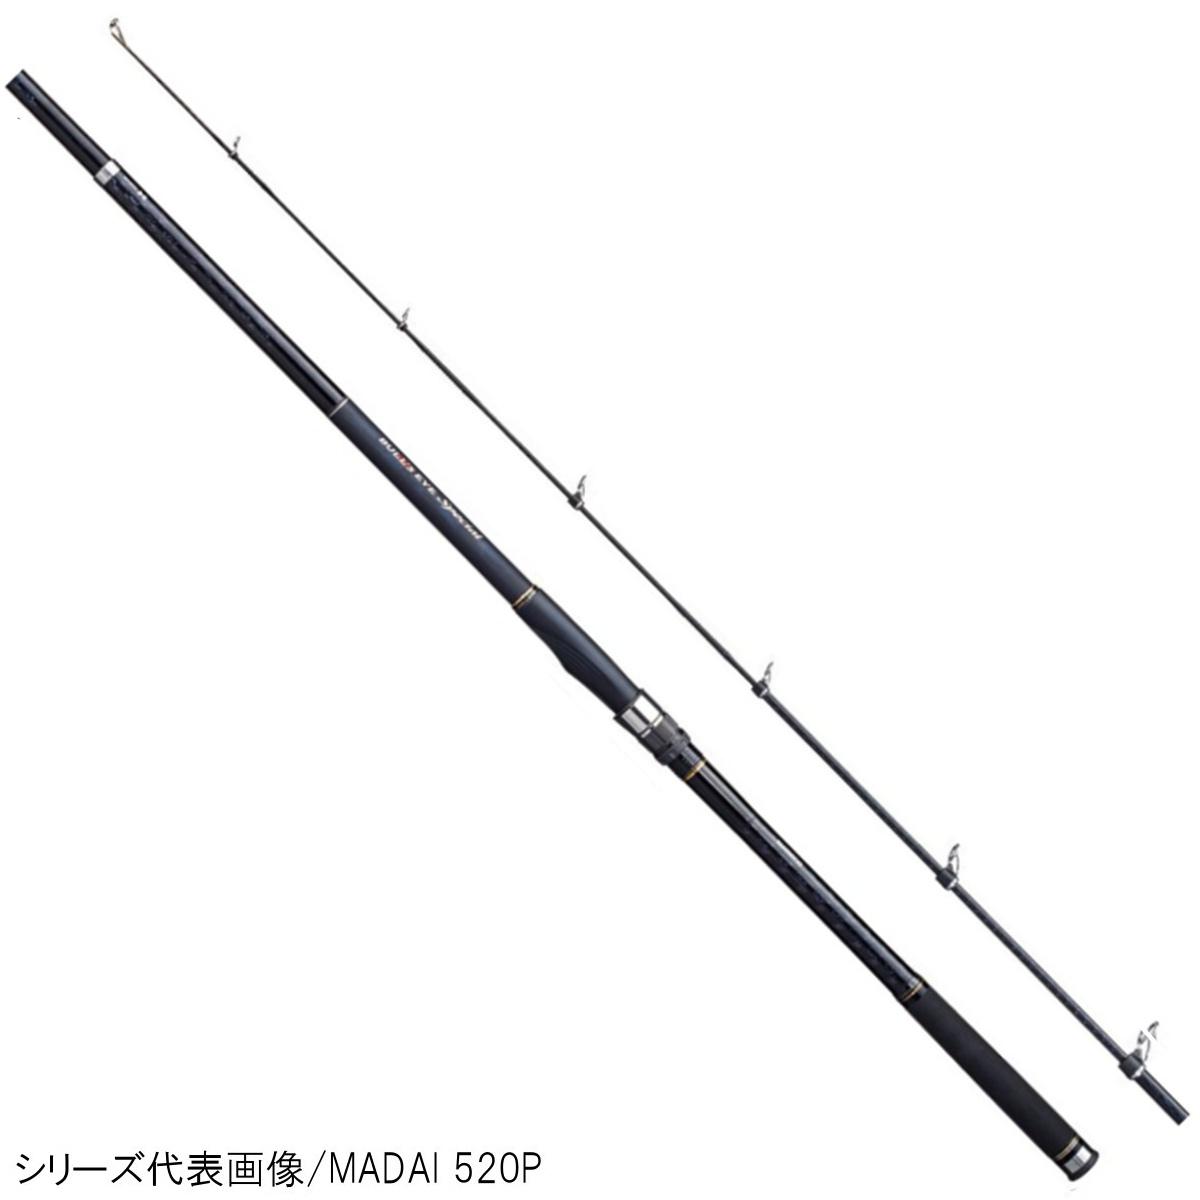 シマノ ブルズアイ スペシャル 遠投 AOMONO 520P